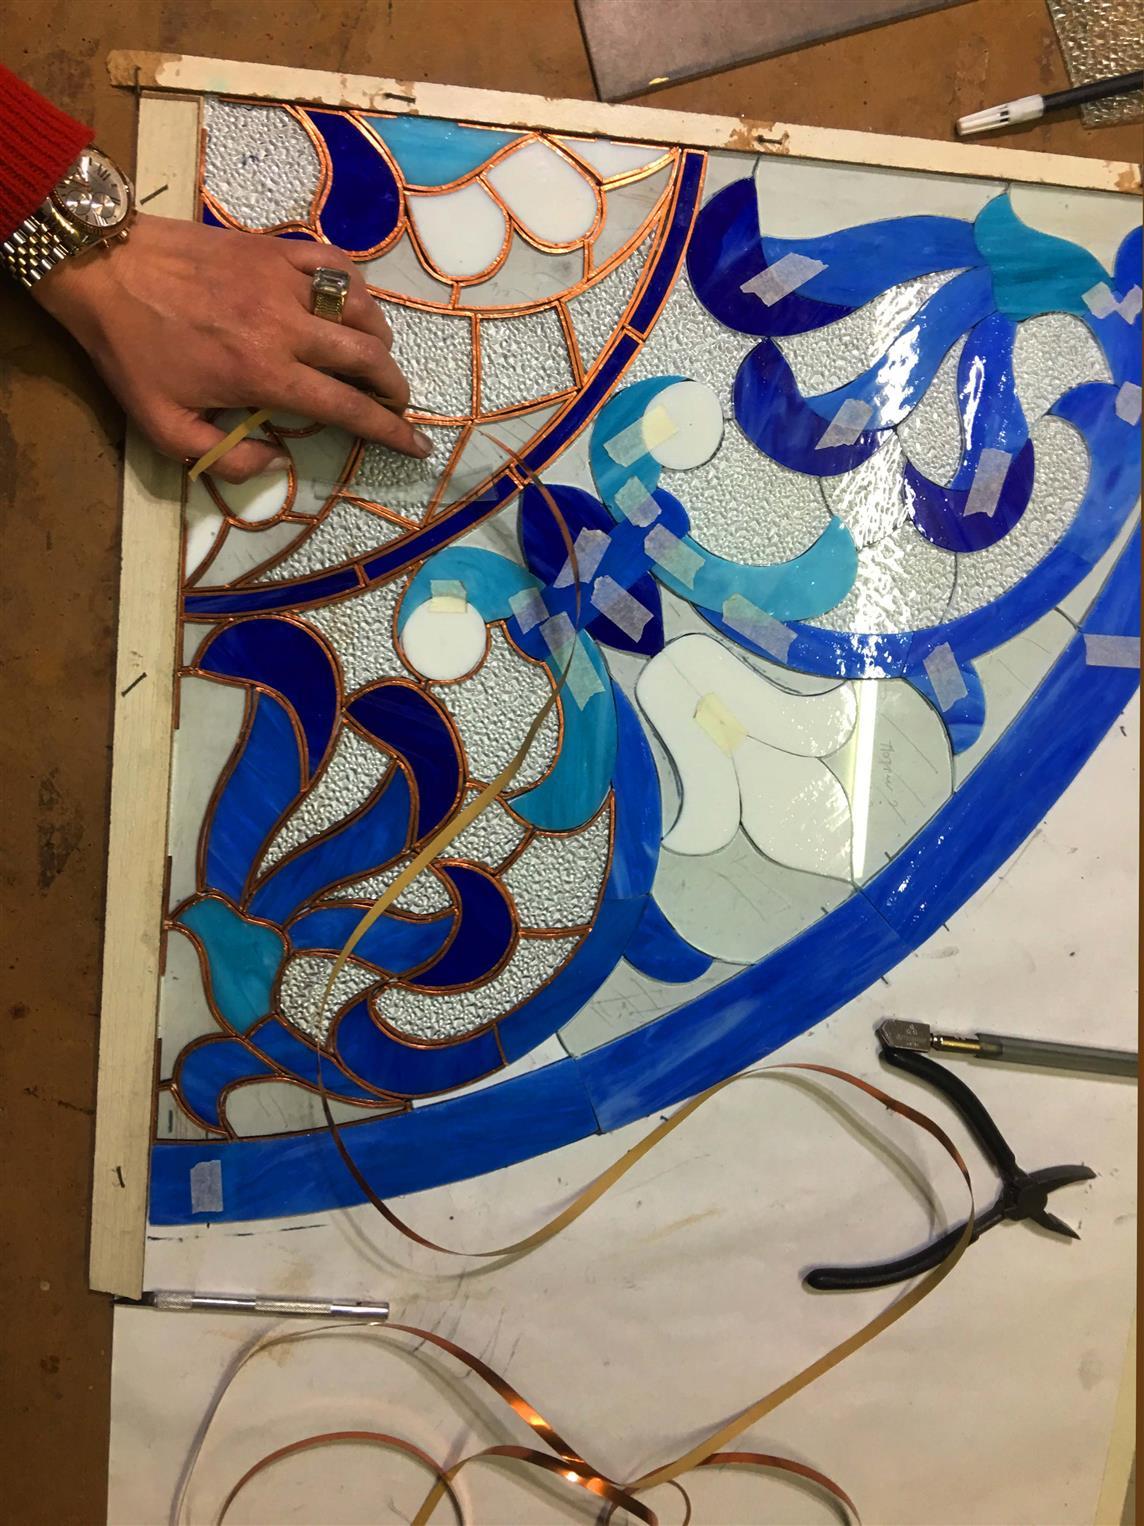 boyraz-insaat-menemen-vitraylari202012012493064.jpg izmir vitray çalışması